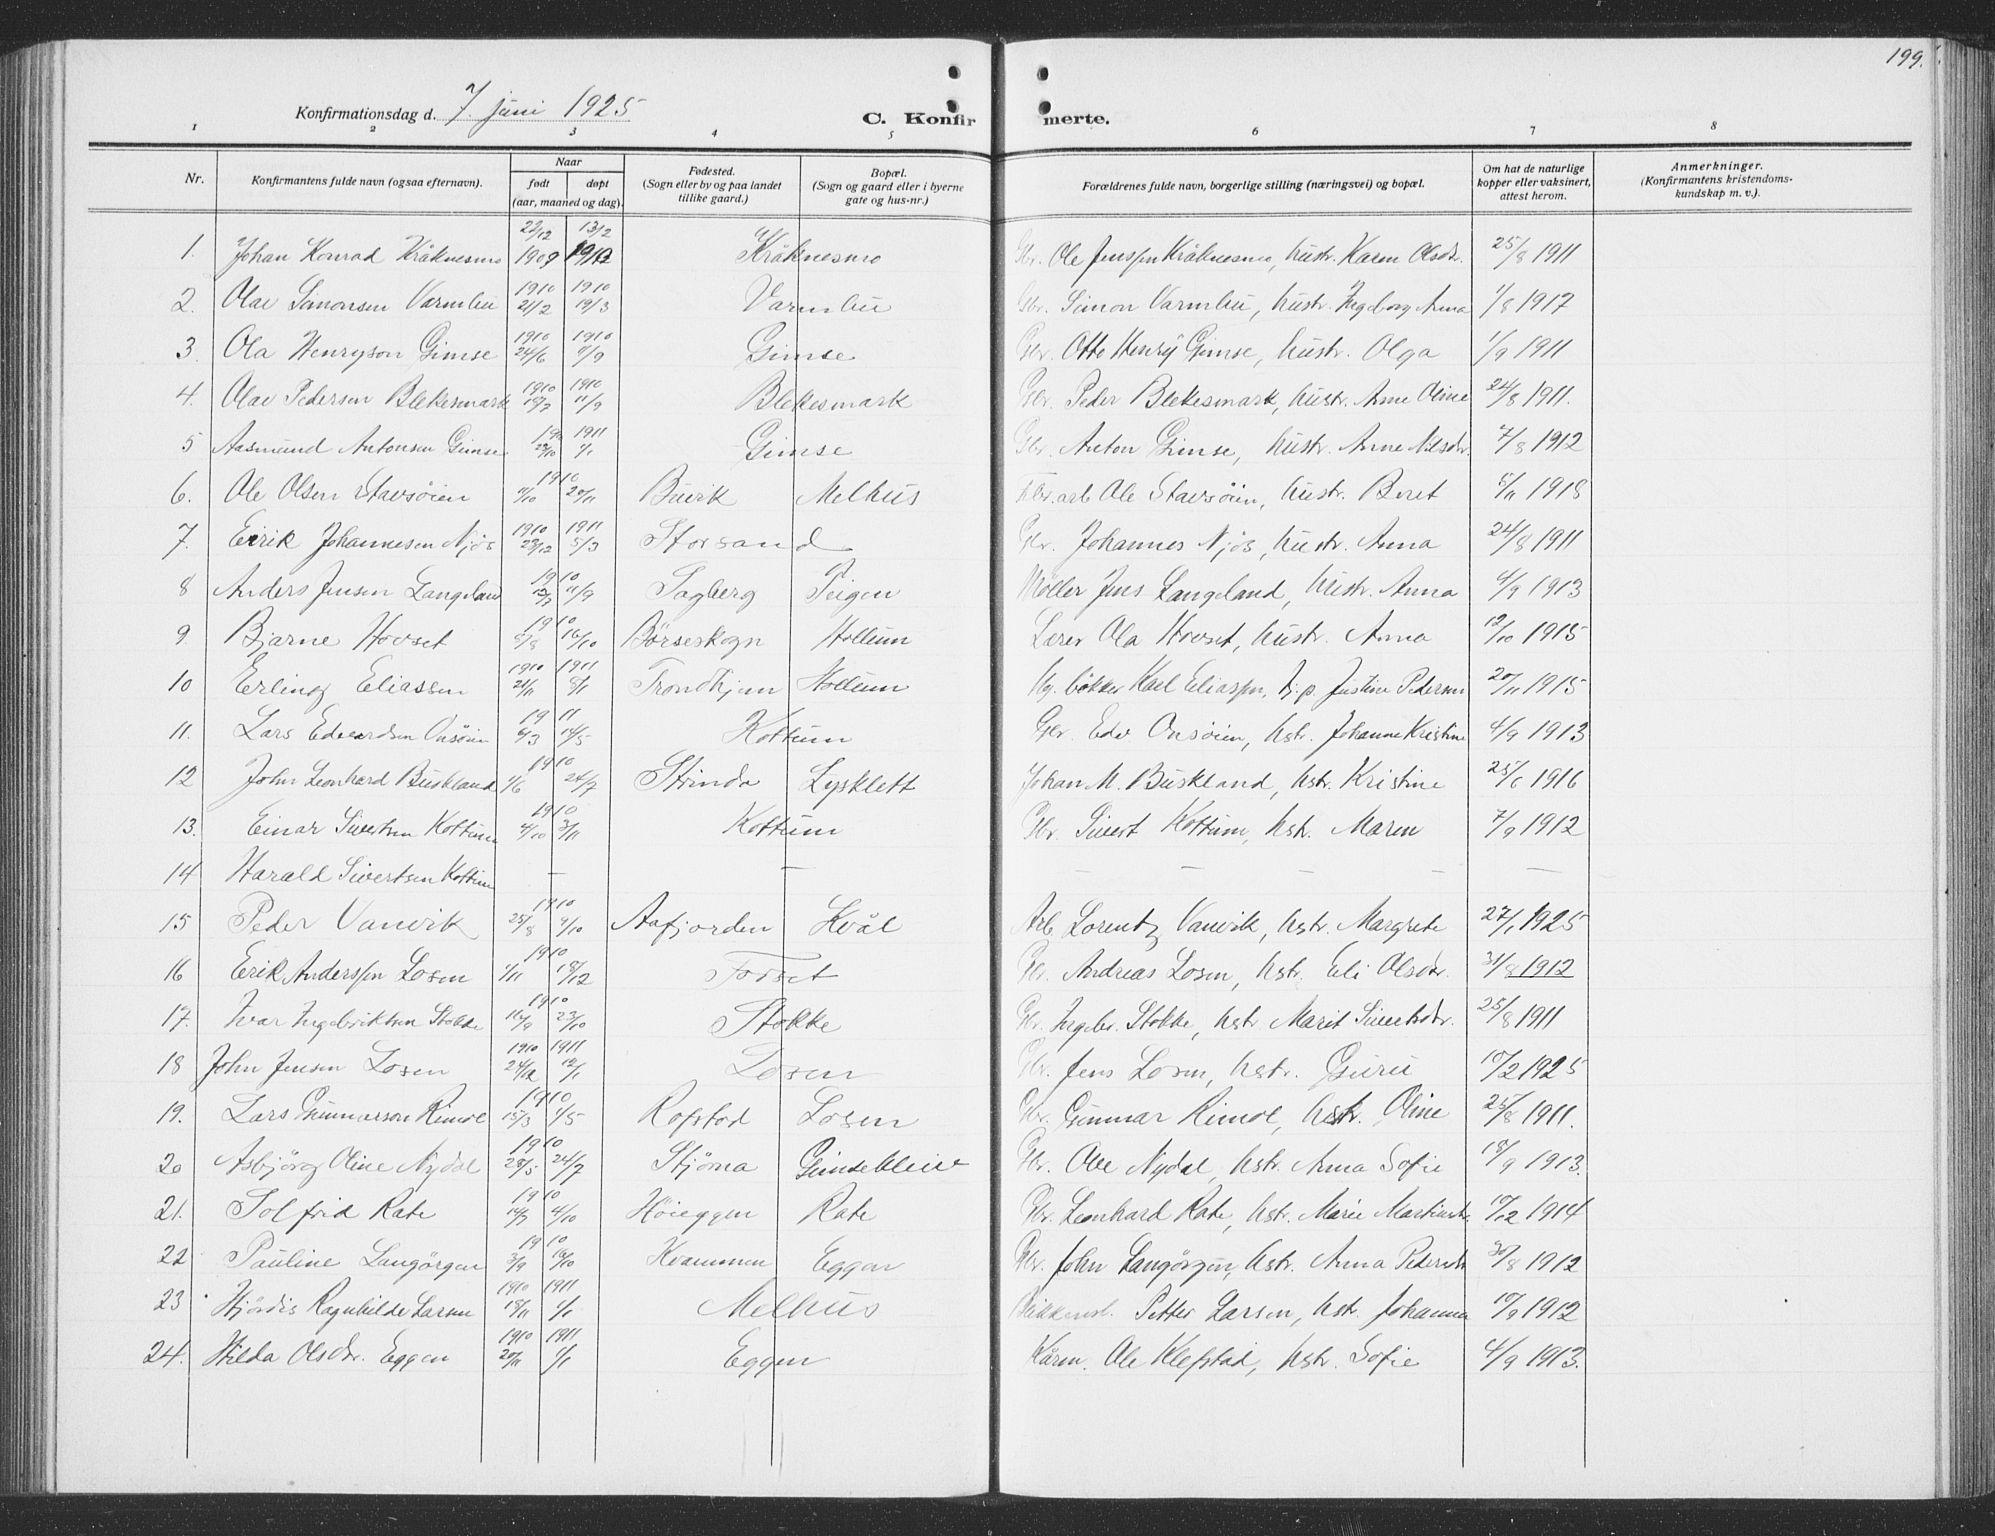 SAT, Ministerialprotokoller, klokkerbøker og fødselsregistre - Sør-Trøndelag, 691/L1095: Klokkerbok nr. 691C06, 1912-1933, s. 199